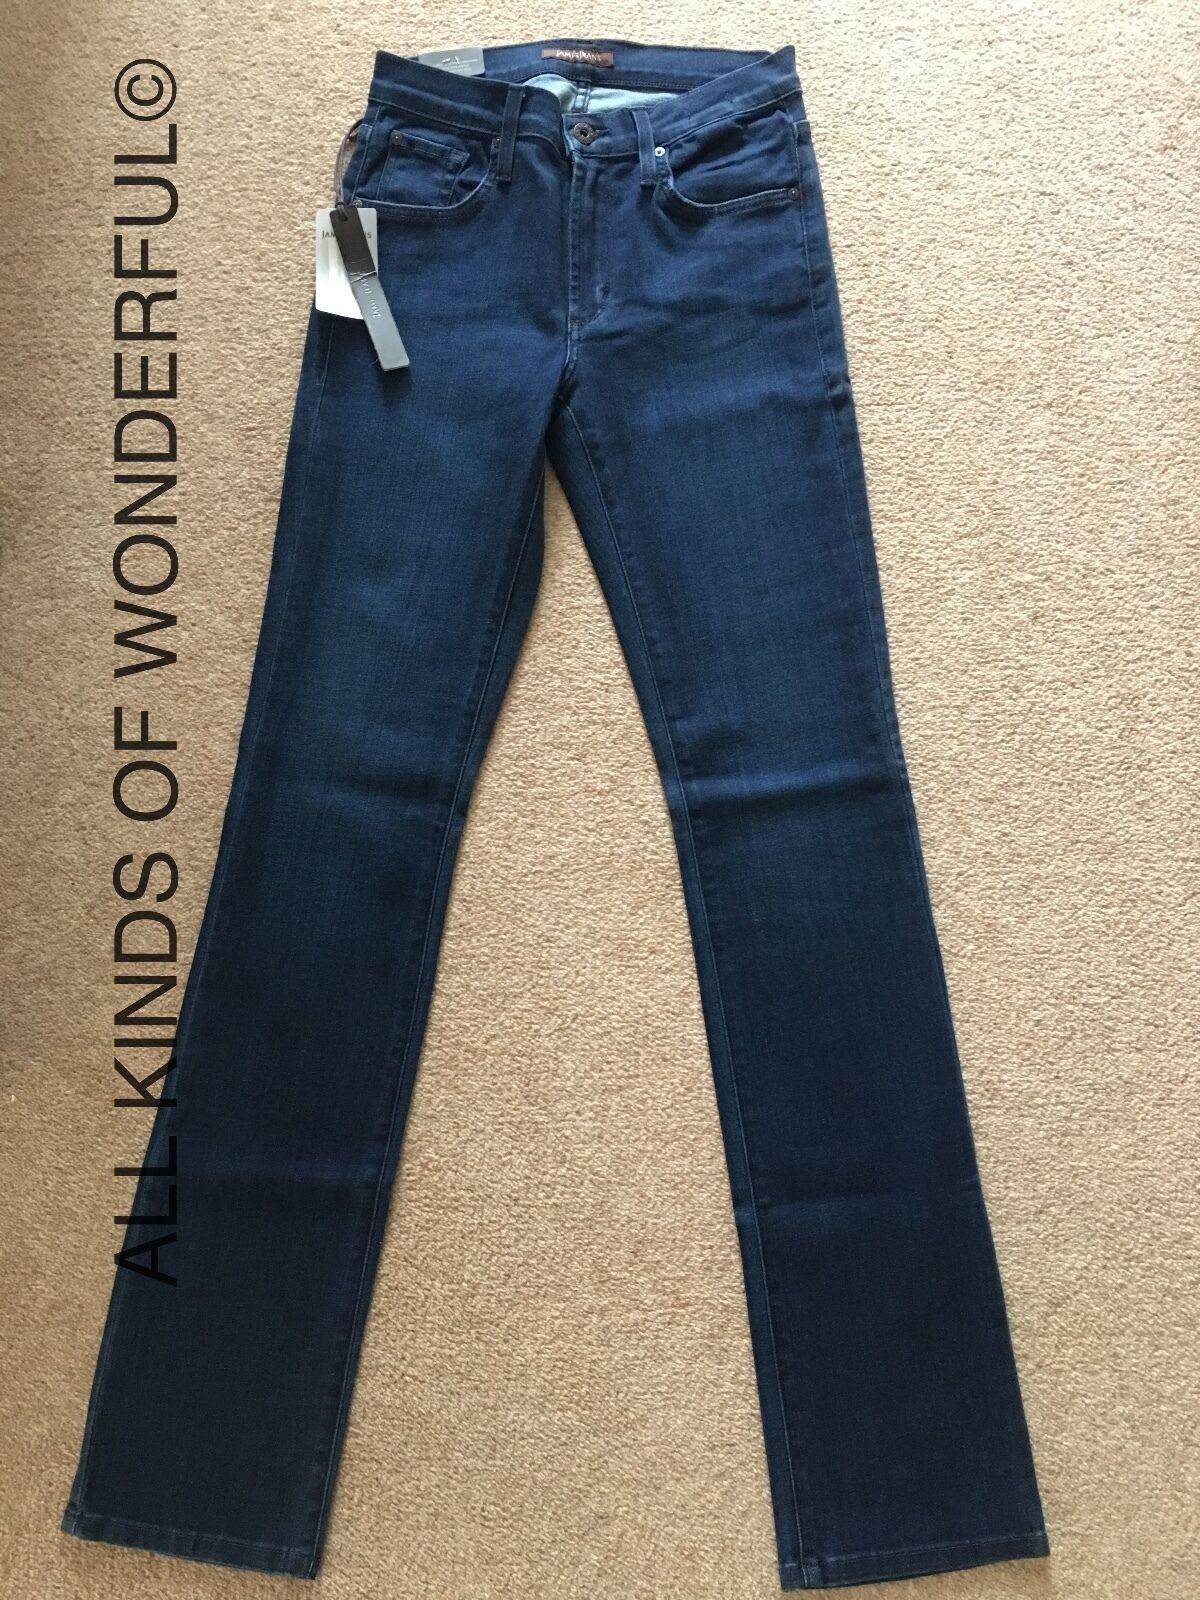 James Jeans High Rise Rise Rise Hunter dritto in Costiera RRP  NUOVO di zecca con etichette fbc836